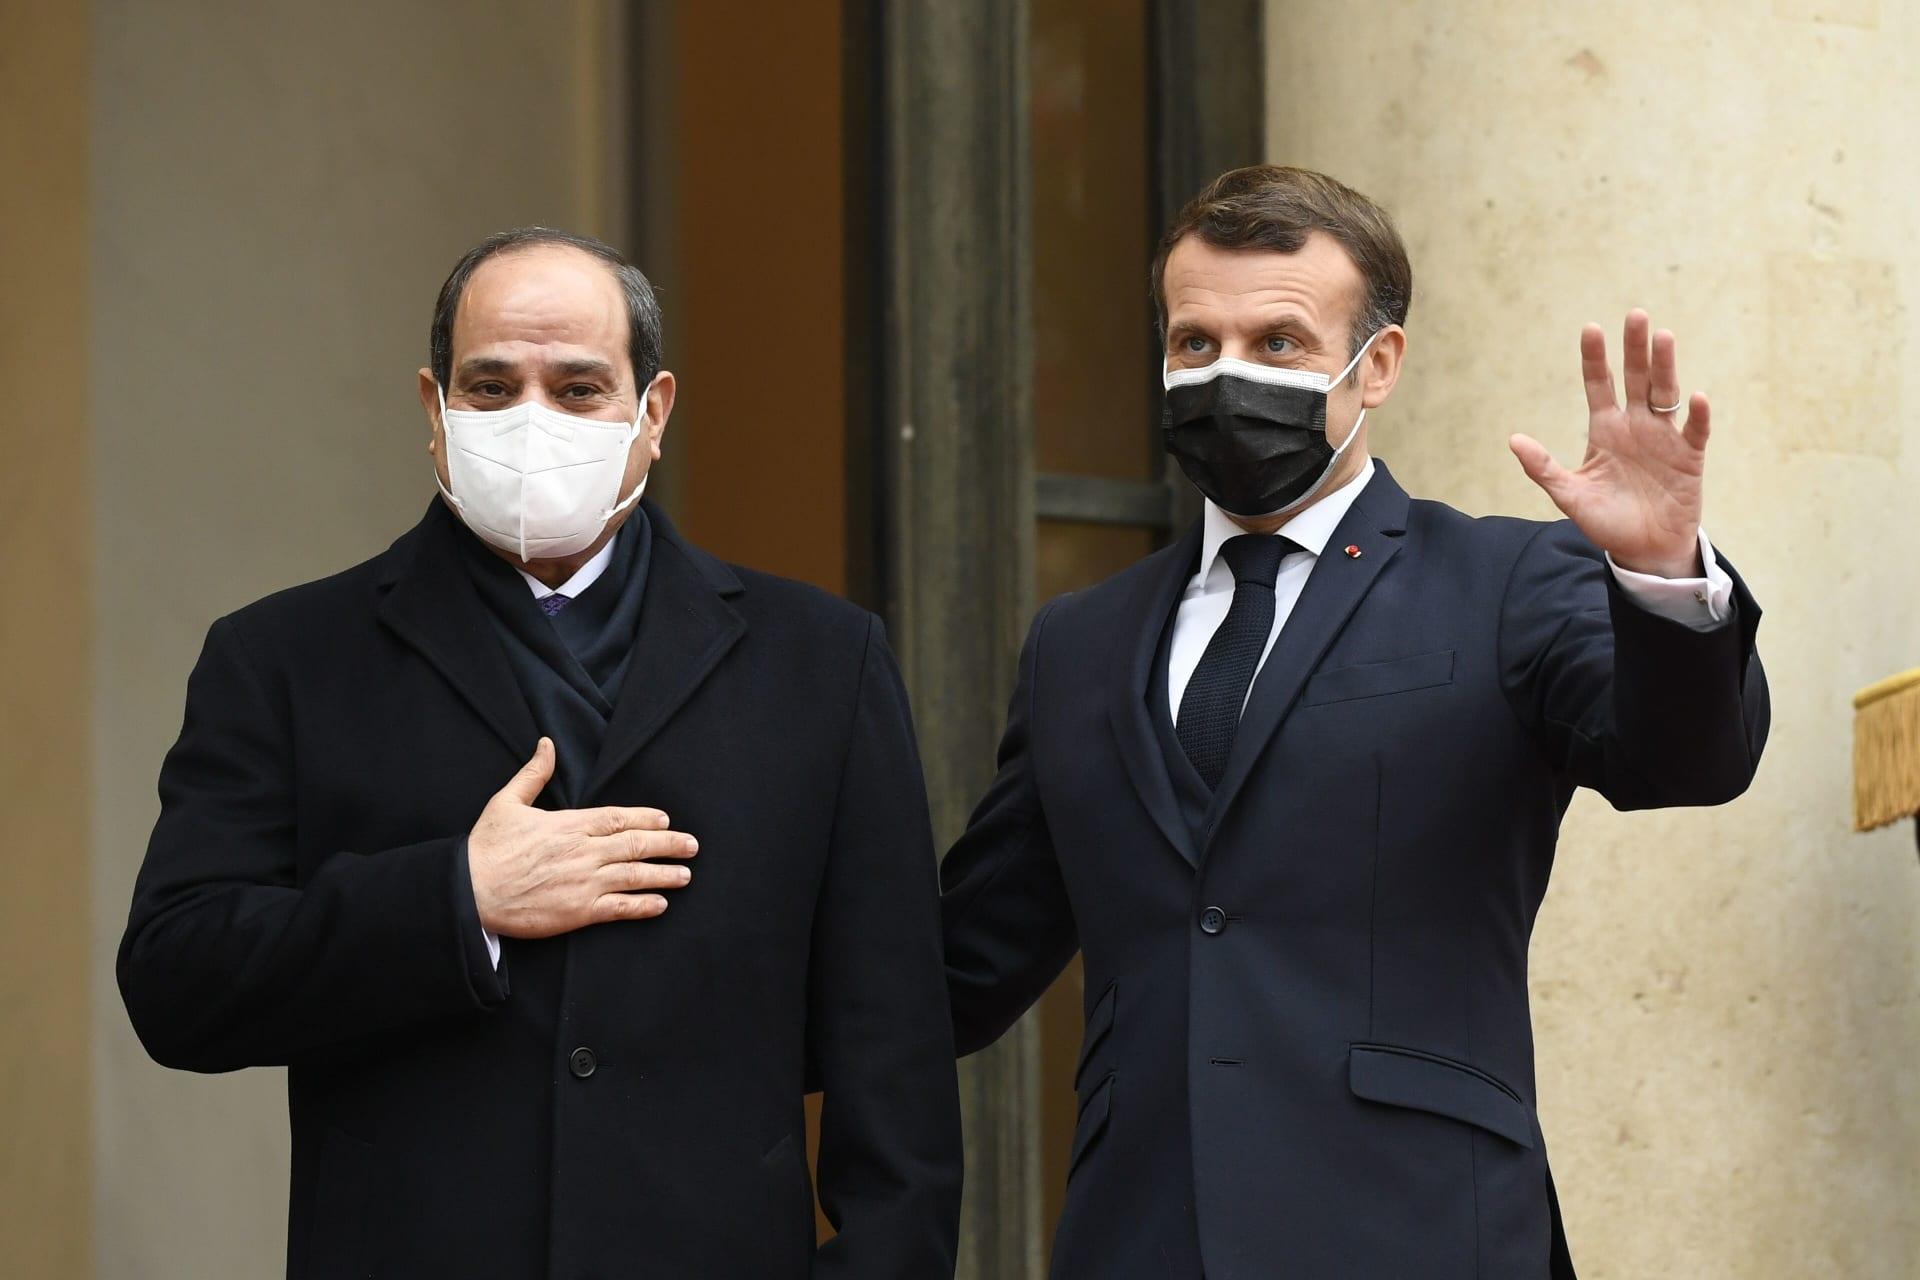 ماكرون بعد لقائه السيسي: لن أربط بيع الأسلحة لمصر بسجل جقوق الإنسان الخاص بها